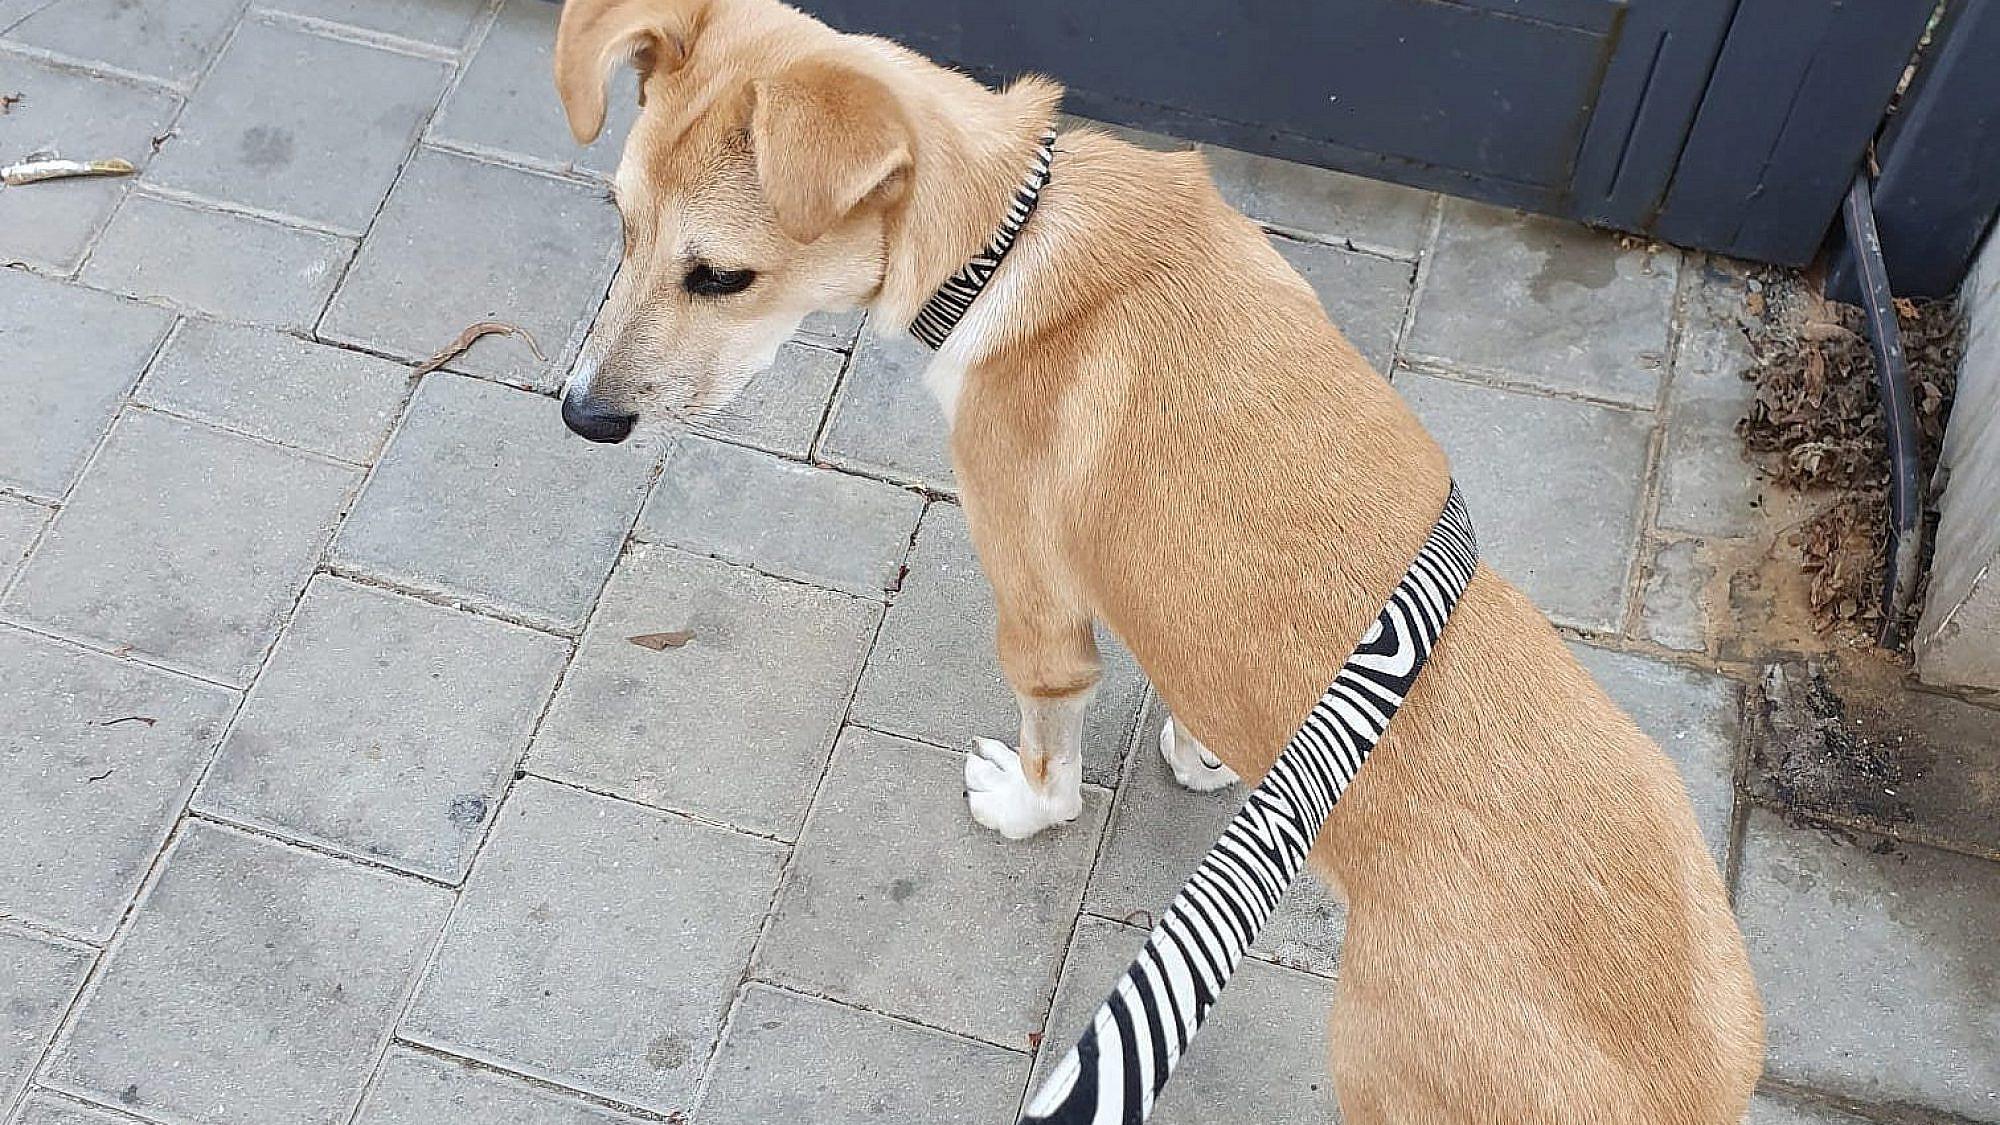 סול, כלבה עירונית. גילוי נאות: בת משפחה של אחד מחברי מערכת טיים אאוט. צילום: טיים אאוט